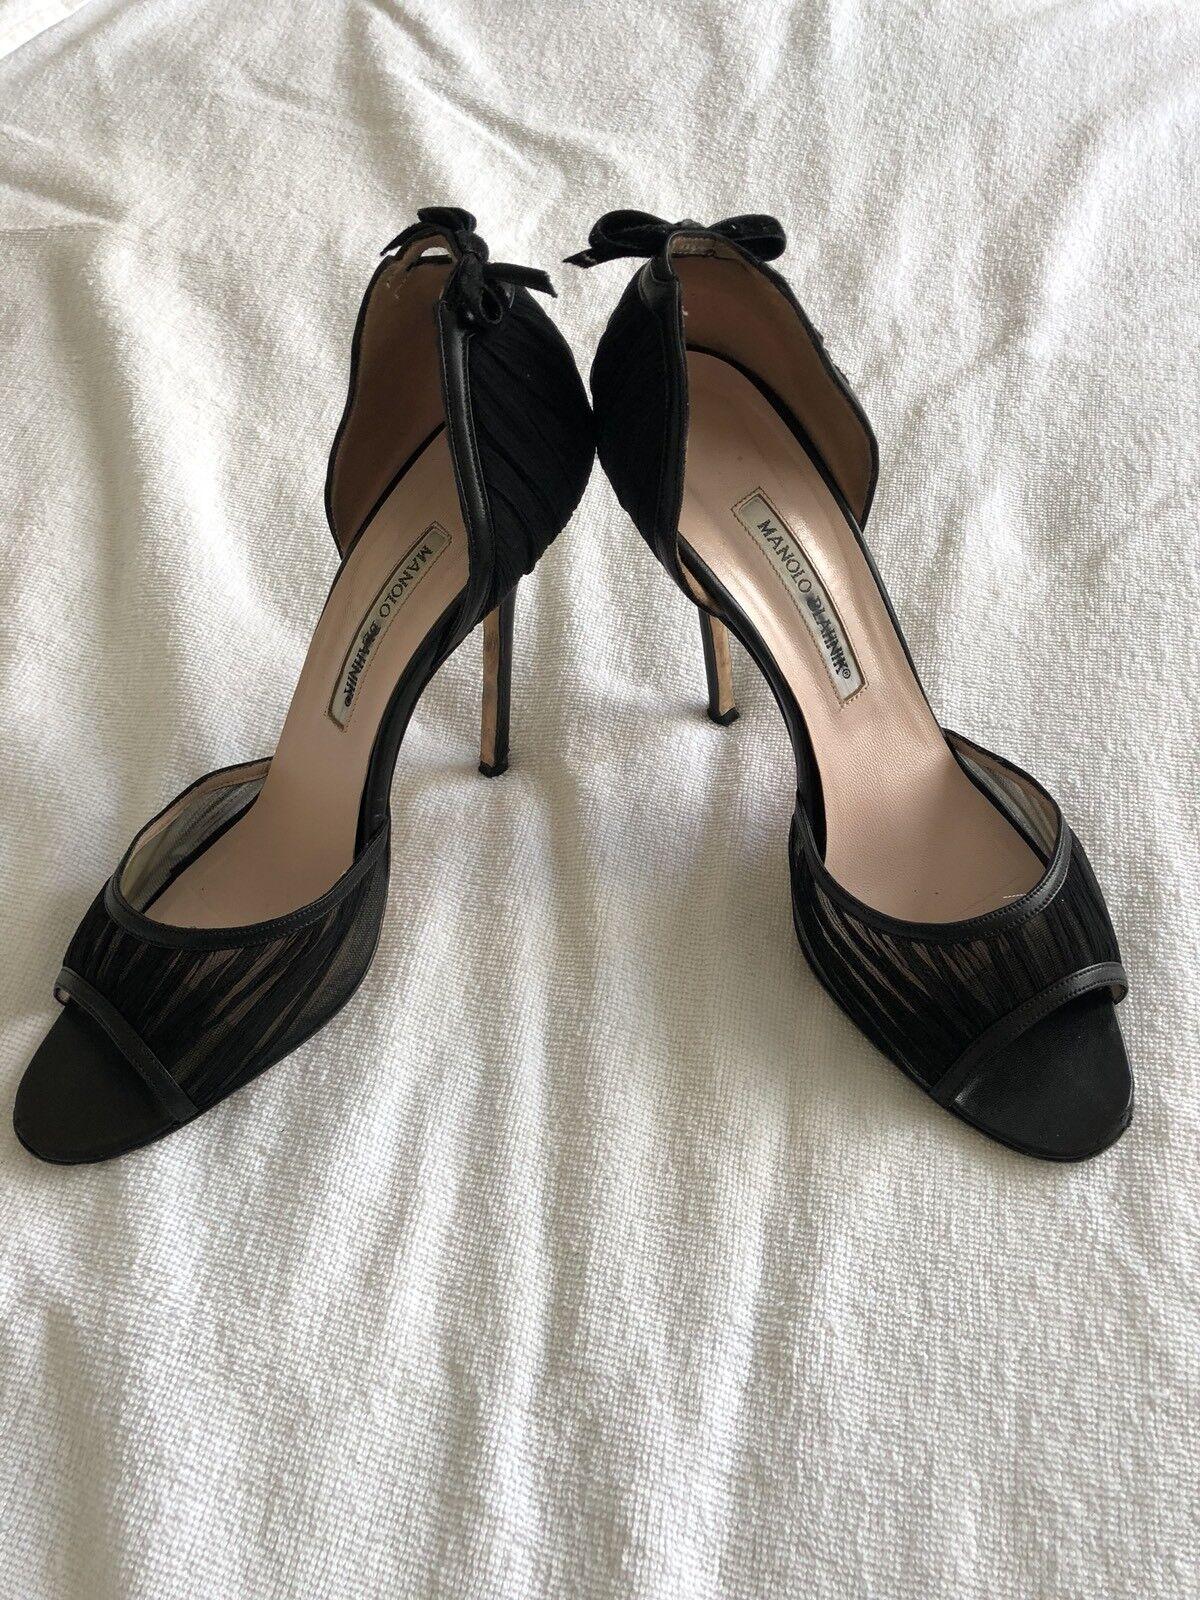 Manolo Blahnik nero Patent Leather Open Toe High Heel Pump  scarpe in oro SZ 40  a buon mercato